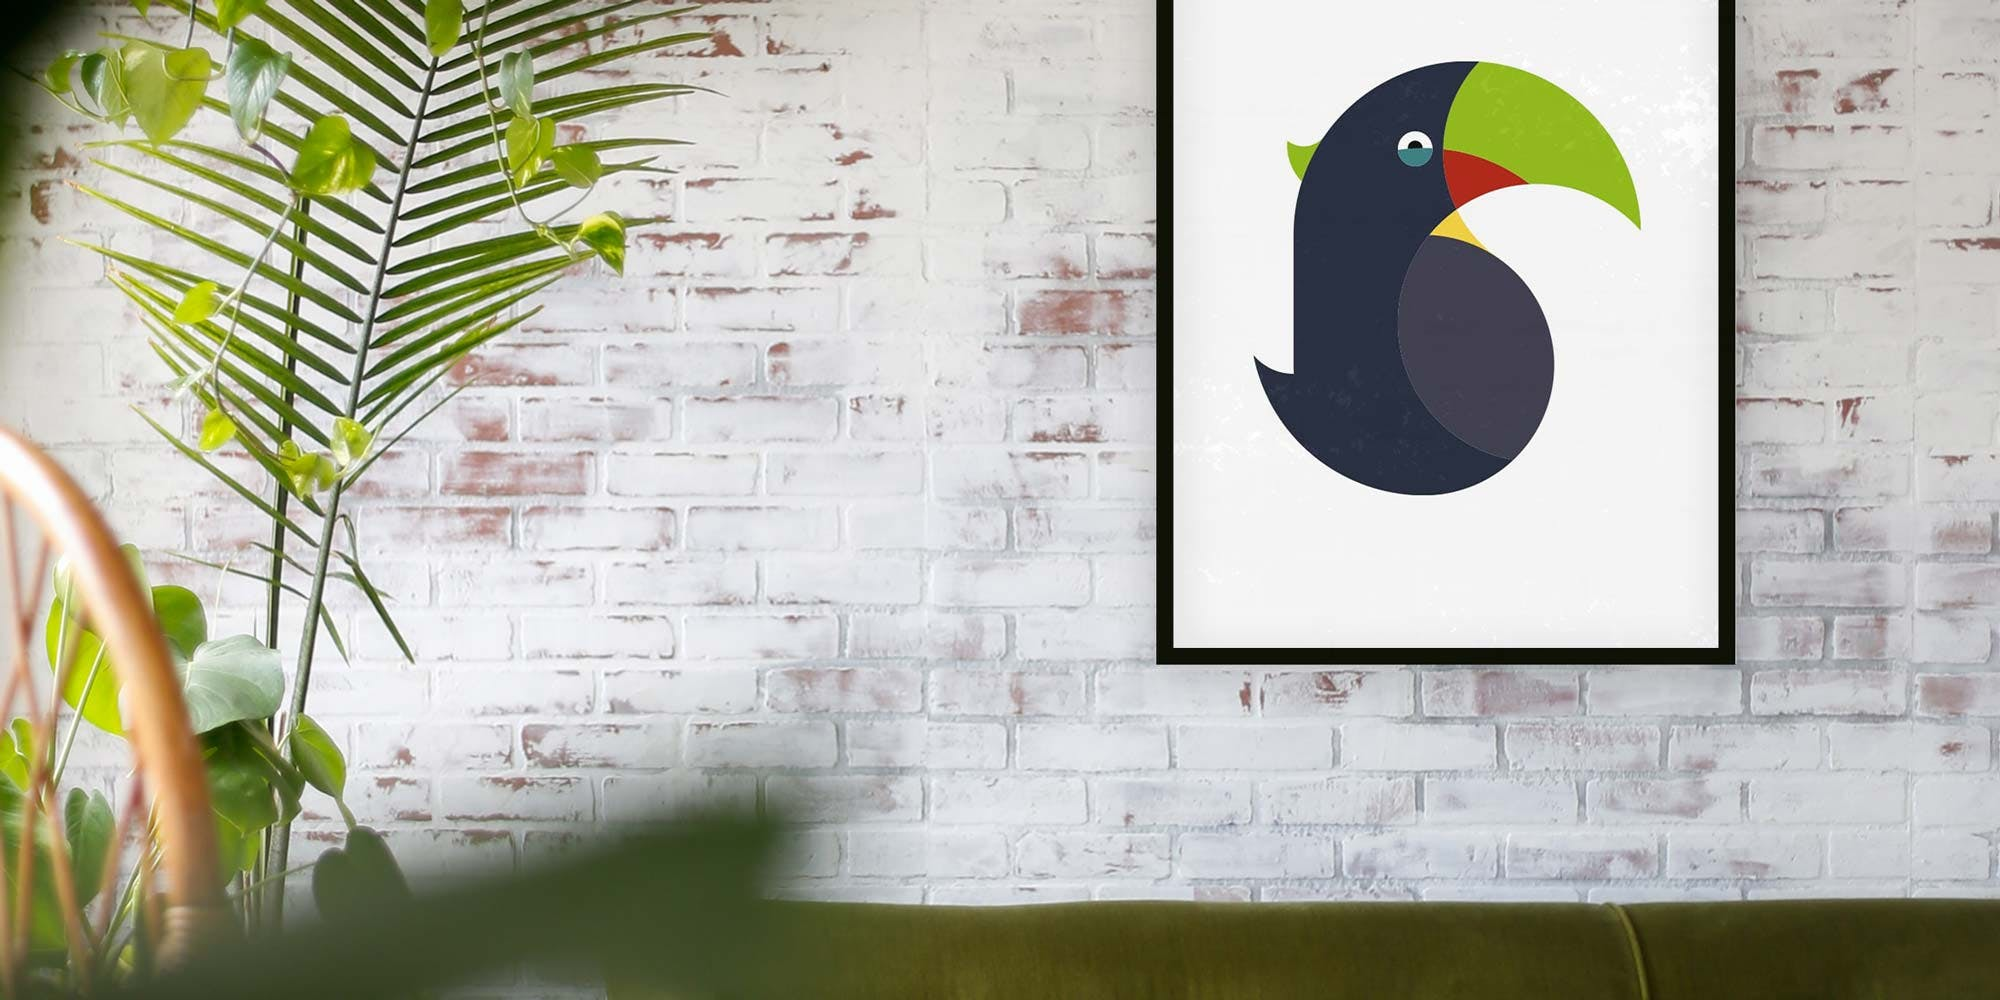 Der farbenfrohe Dschungelbewohner bringt Farbe an eure Wände. Der Tukan von Stadtteilliebe als Poster. Bild von Allie Smith, Unsplash